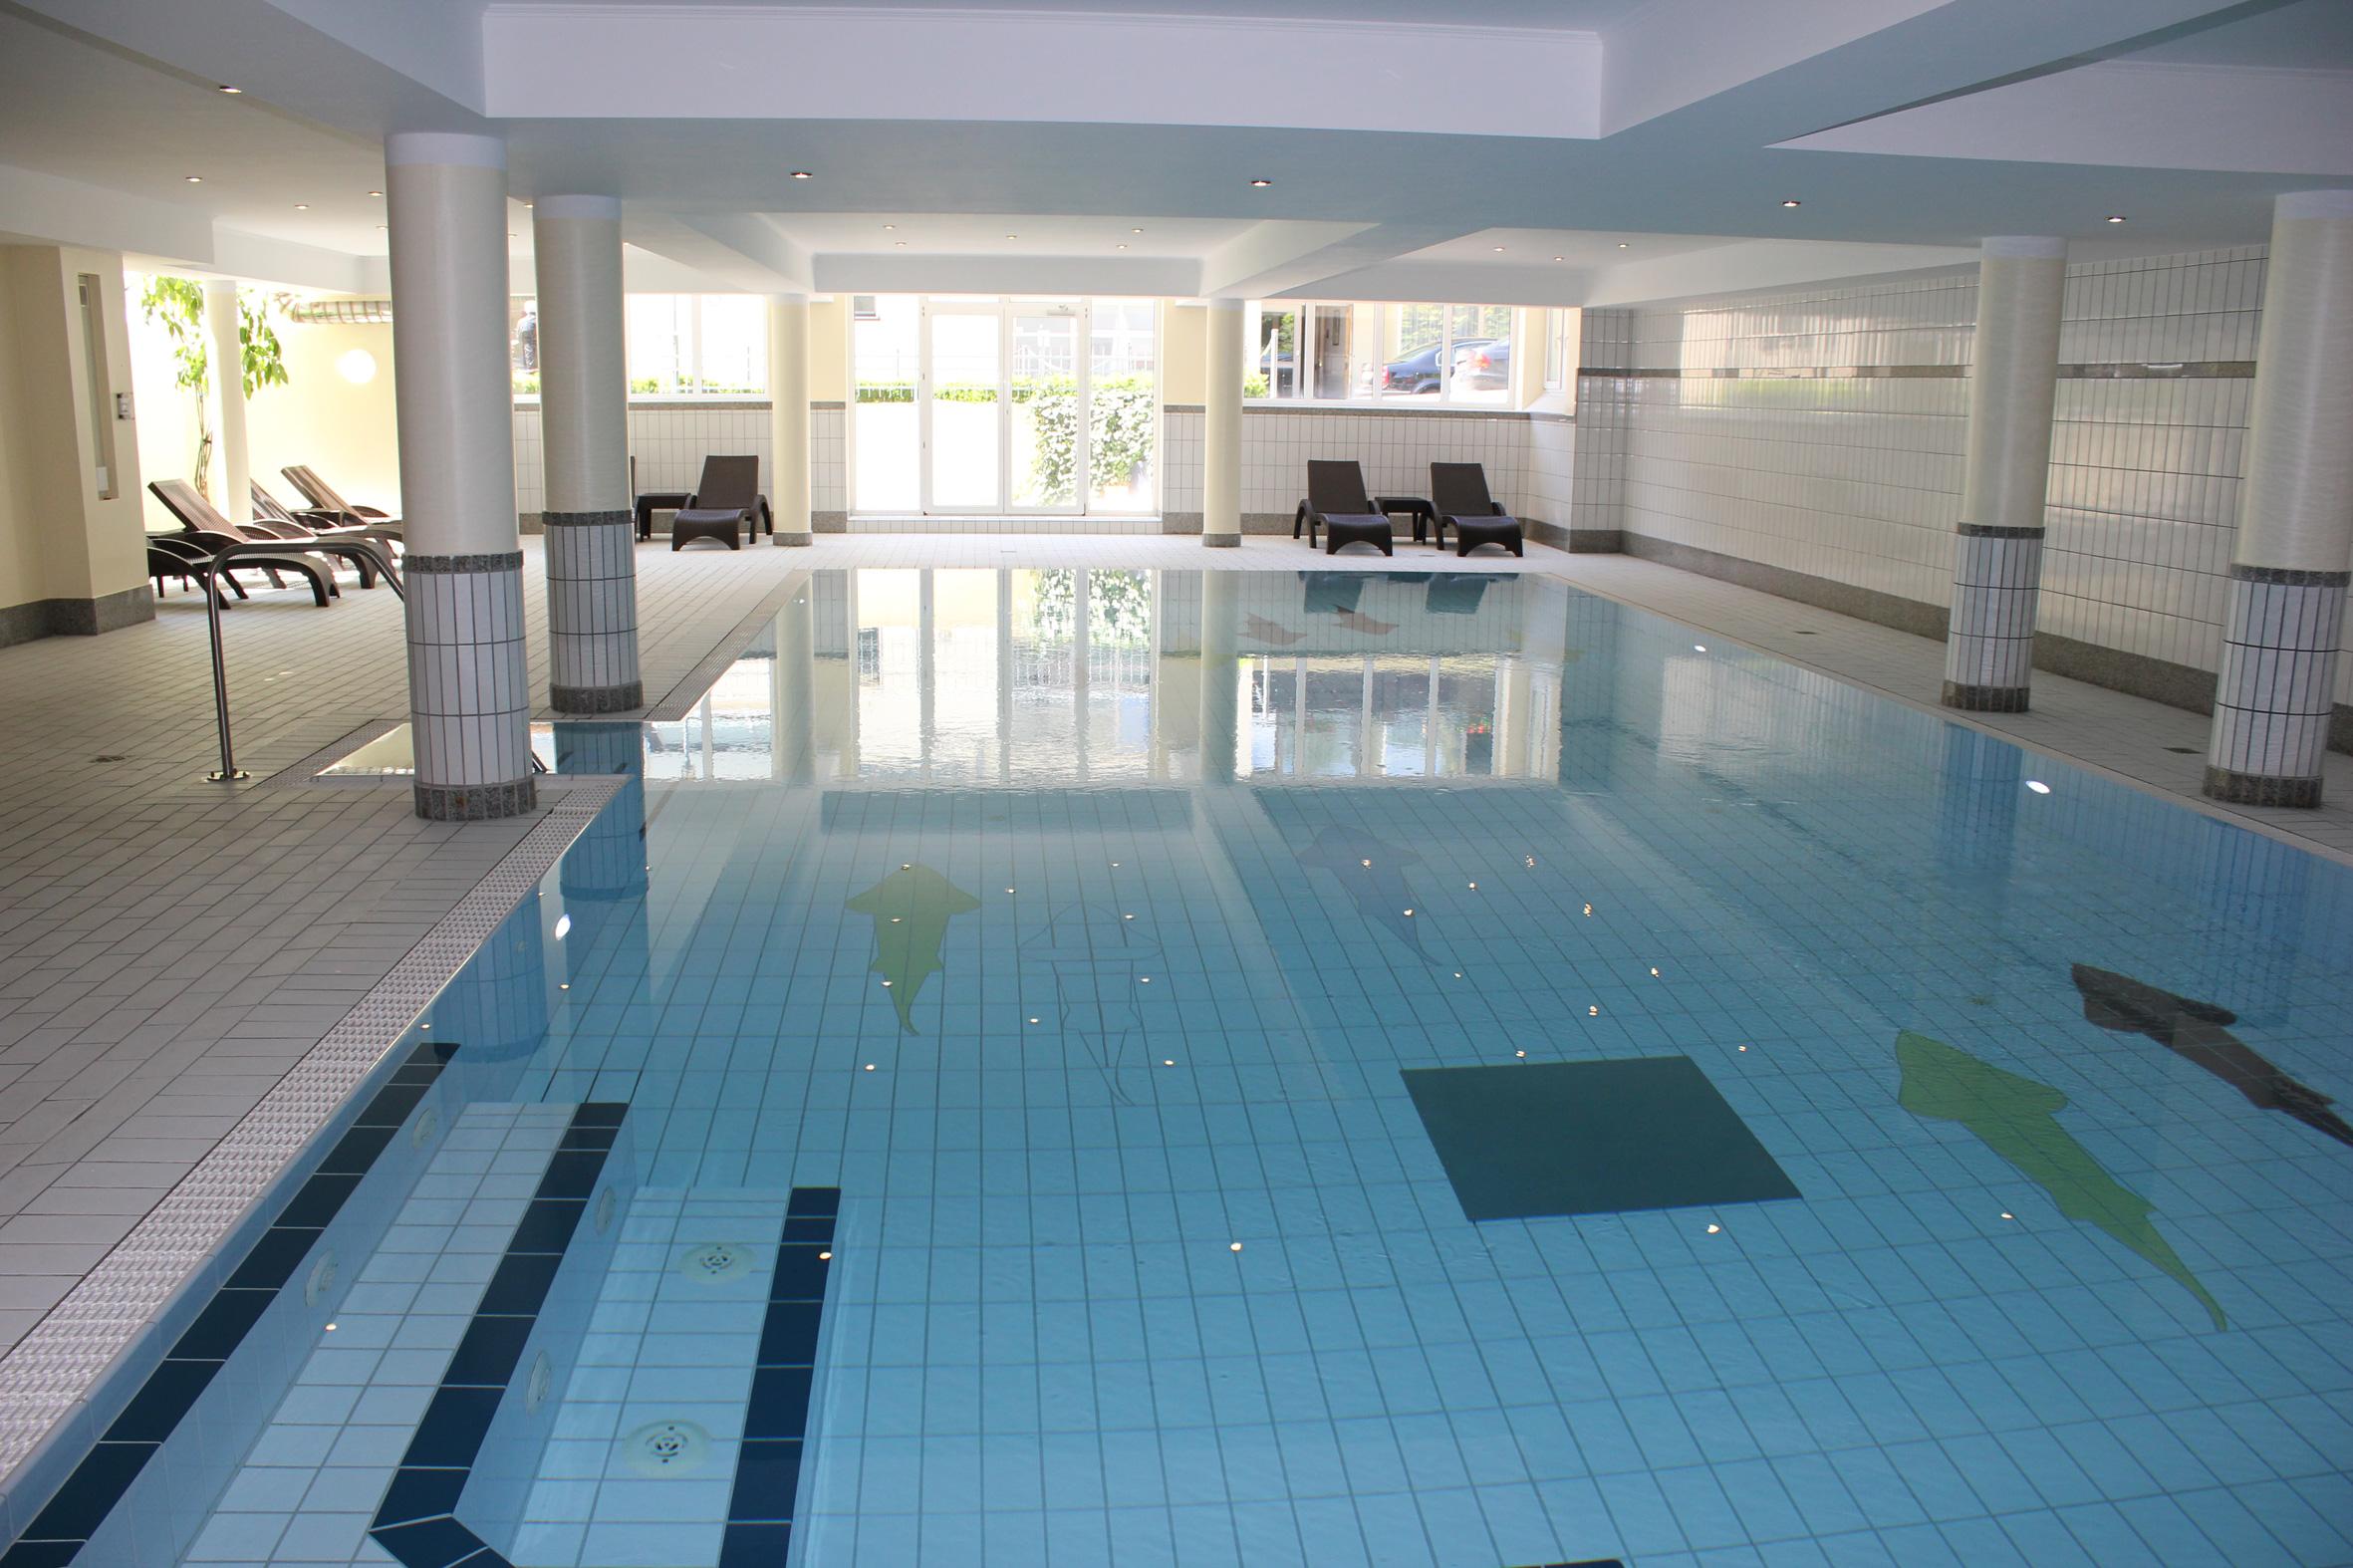 Tauchen Sie ein kühle blau und lassen alles hinter sich. Quelle: Wohlfühlhotel in Bodenmais - beauty24 GmbH